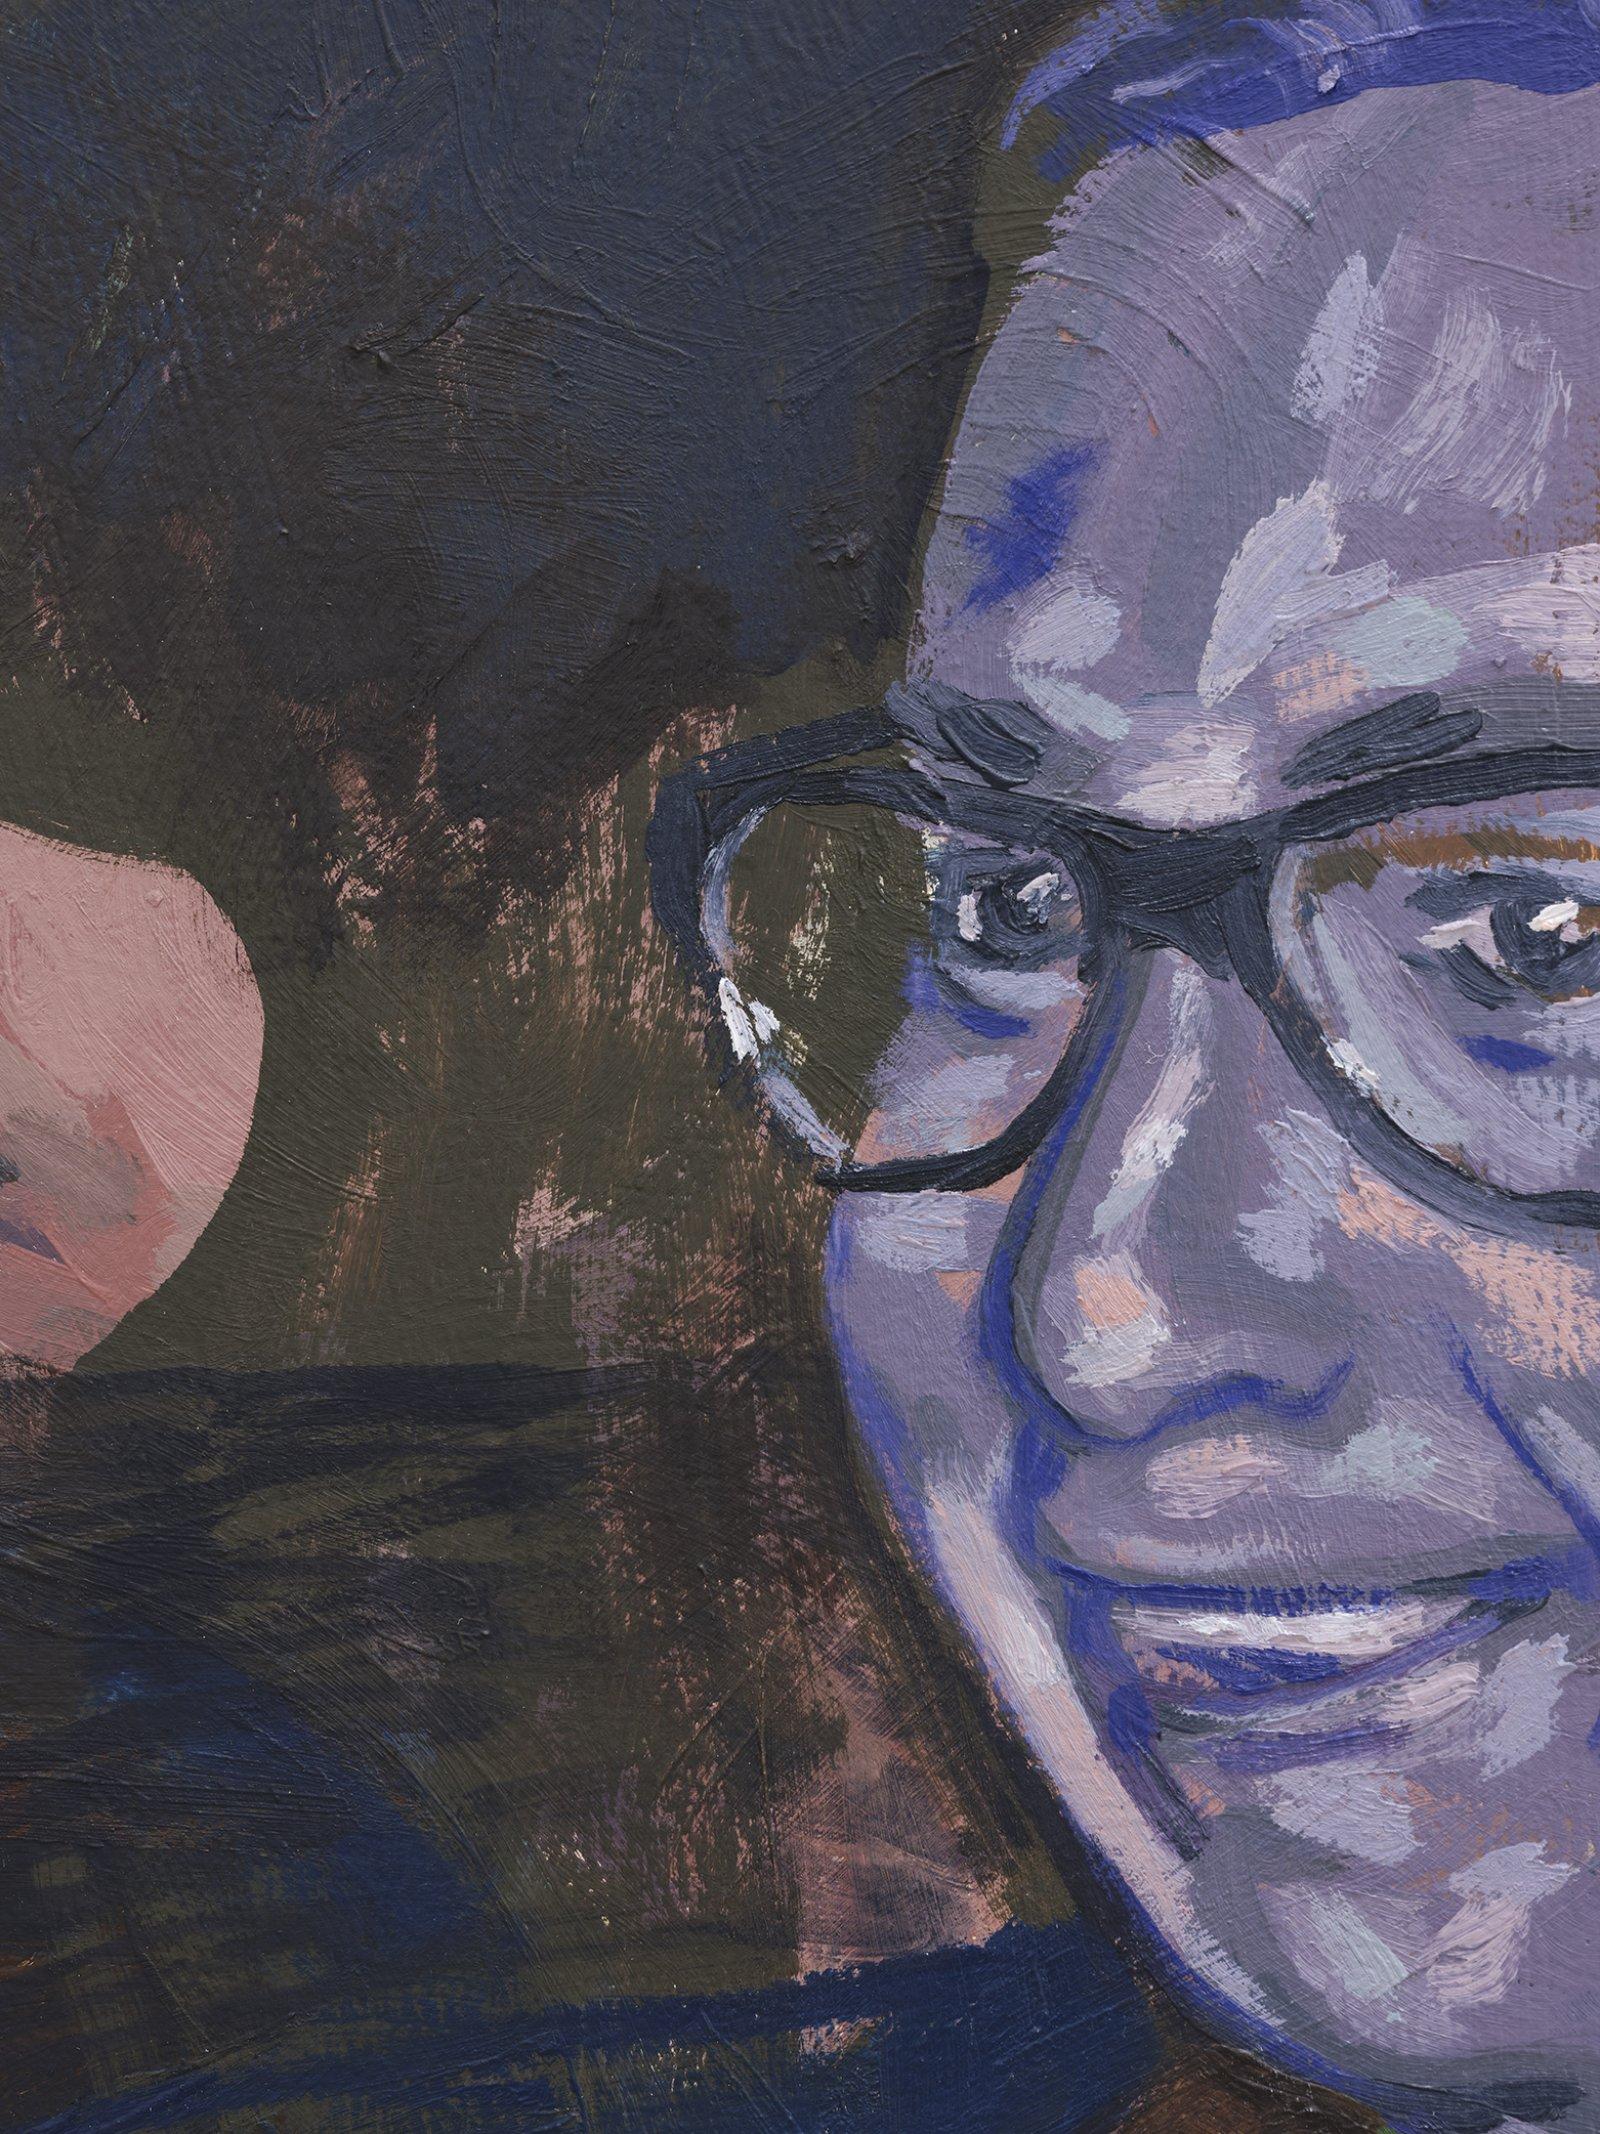 Damian Moppett, Little Blonde Head (detail), 2020, oil on canvas, 32 x 27 in. (81 x 69 cm) by Damian Moppett